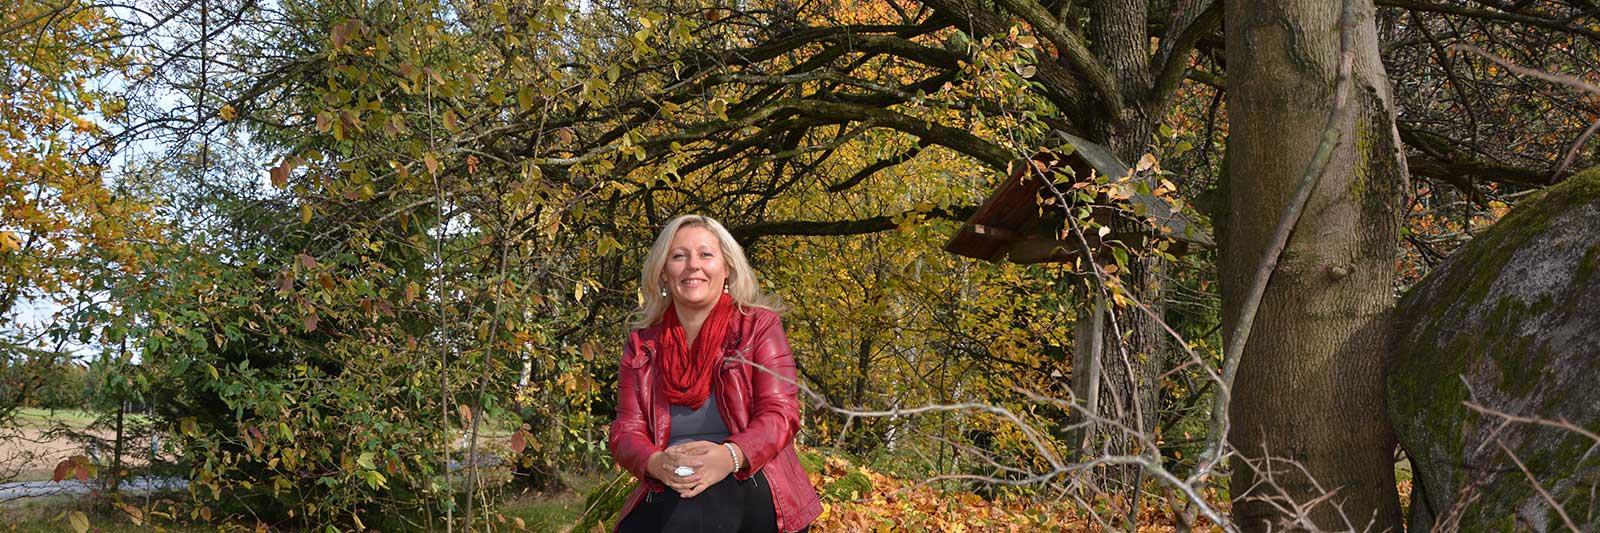 Waldviertel Eunike Kraeuterexpertin